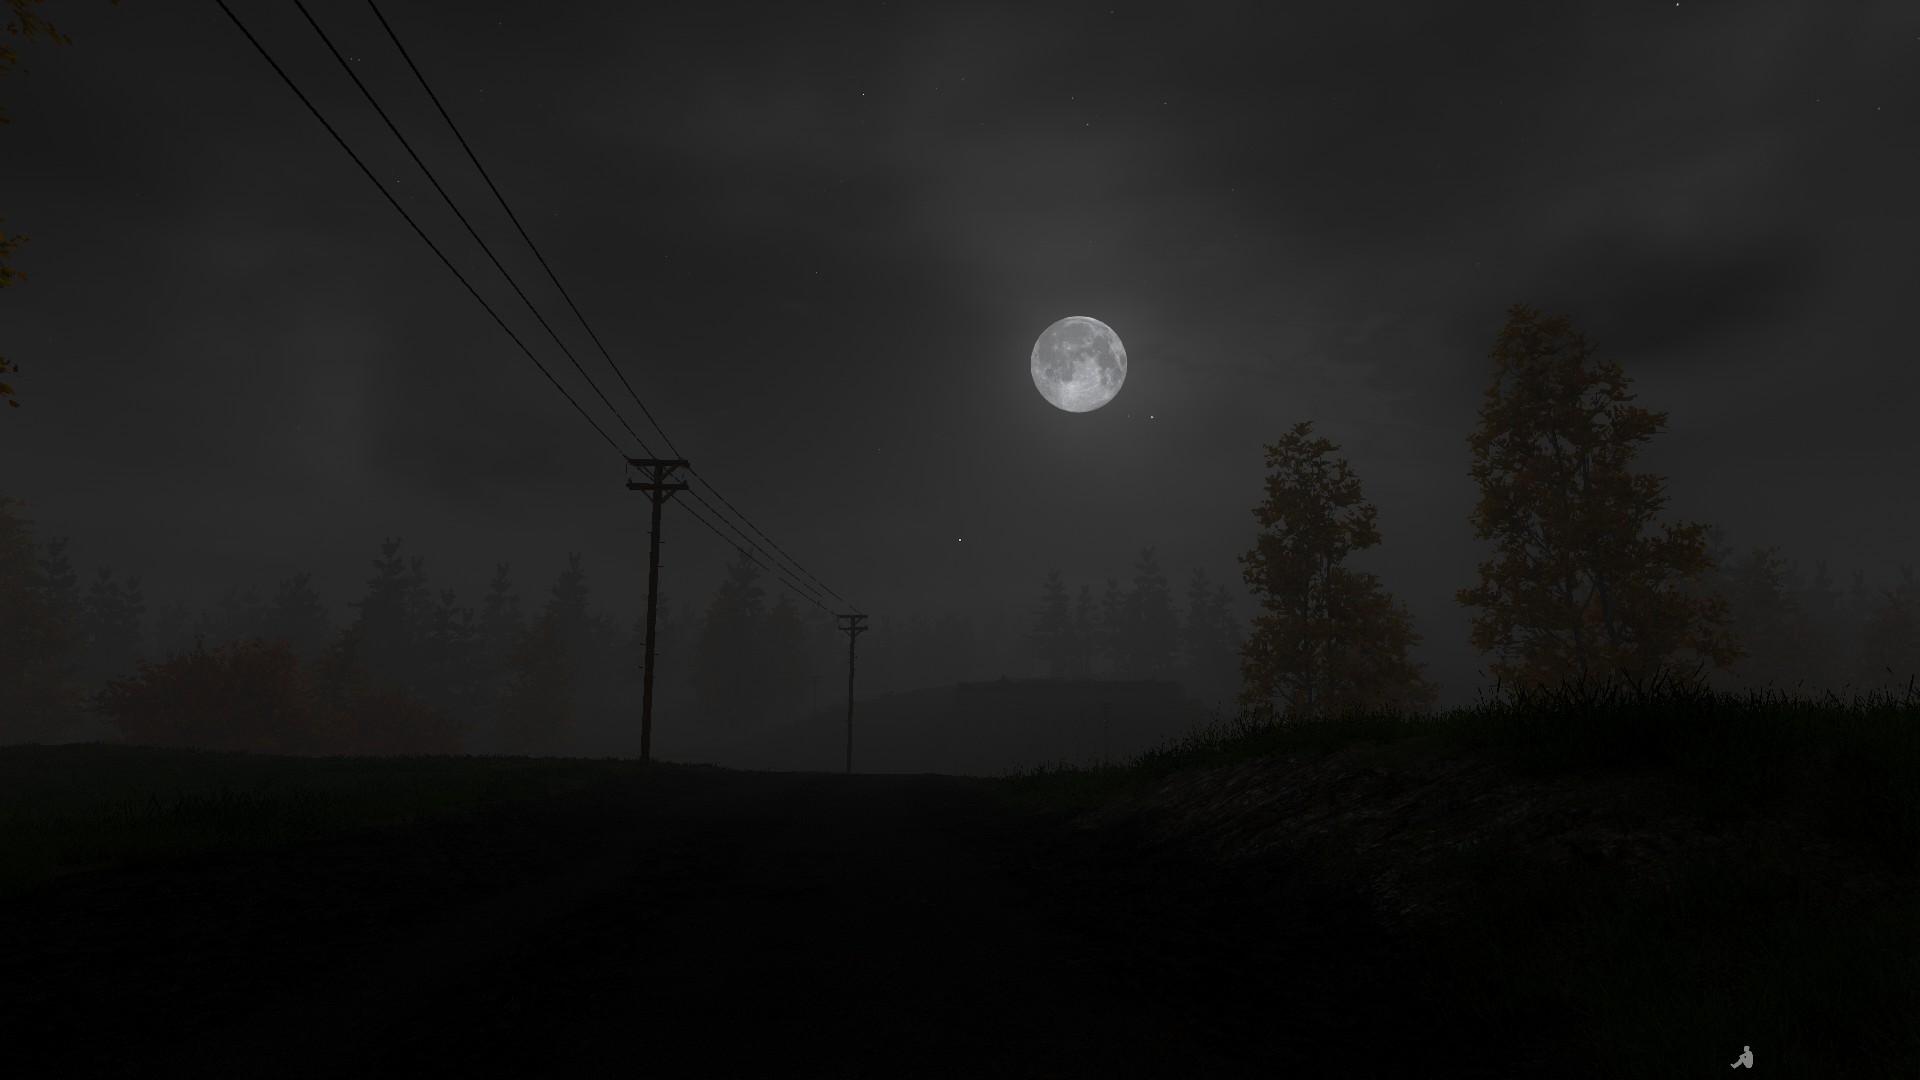 h1z1_moon